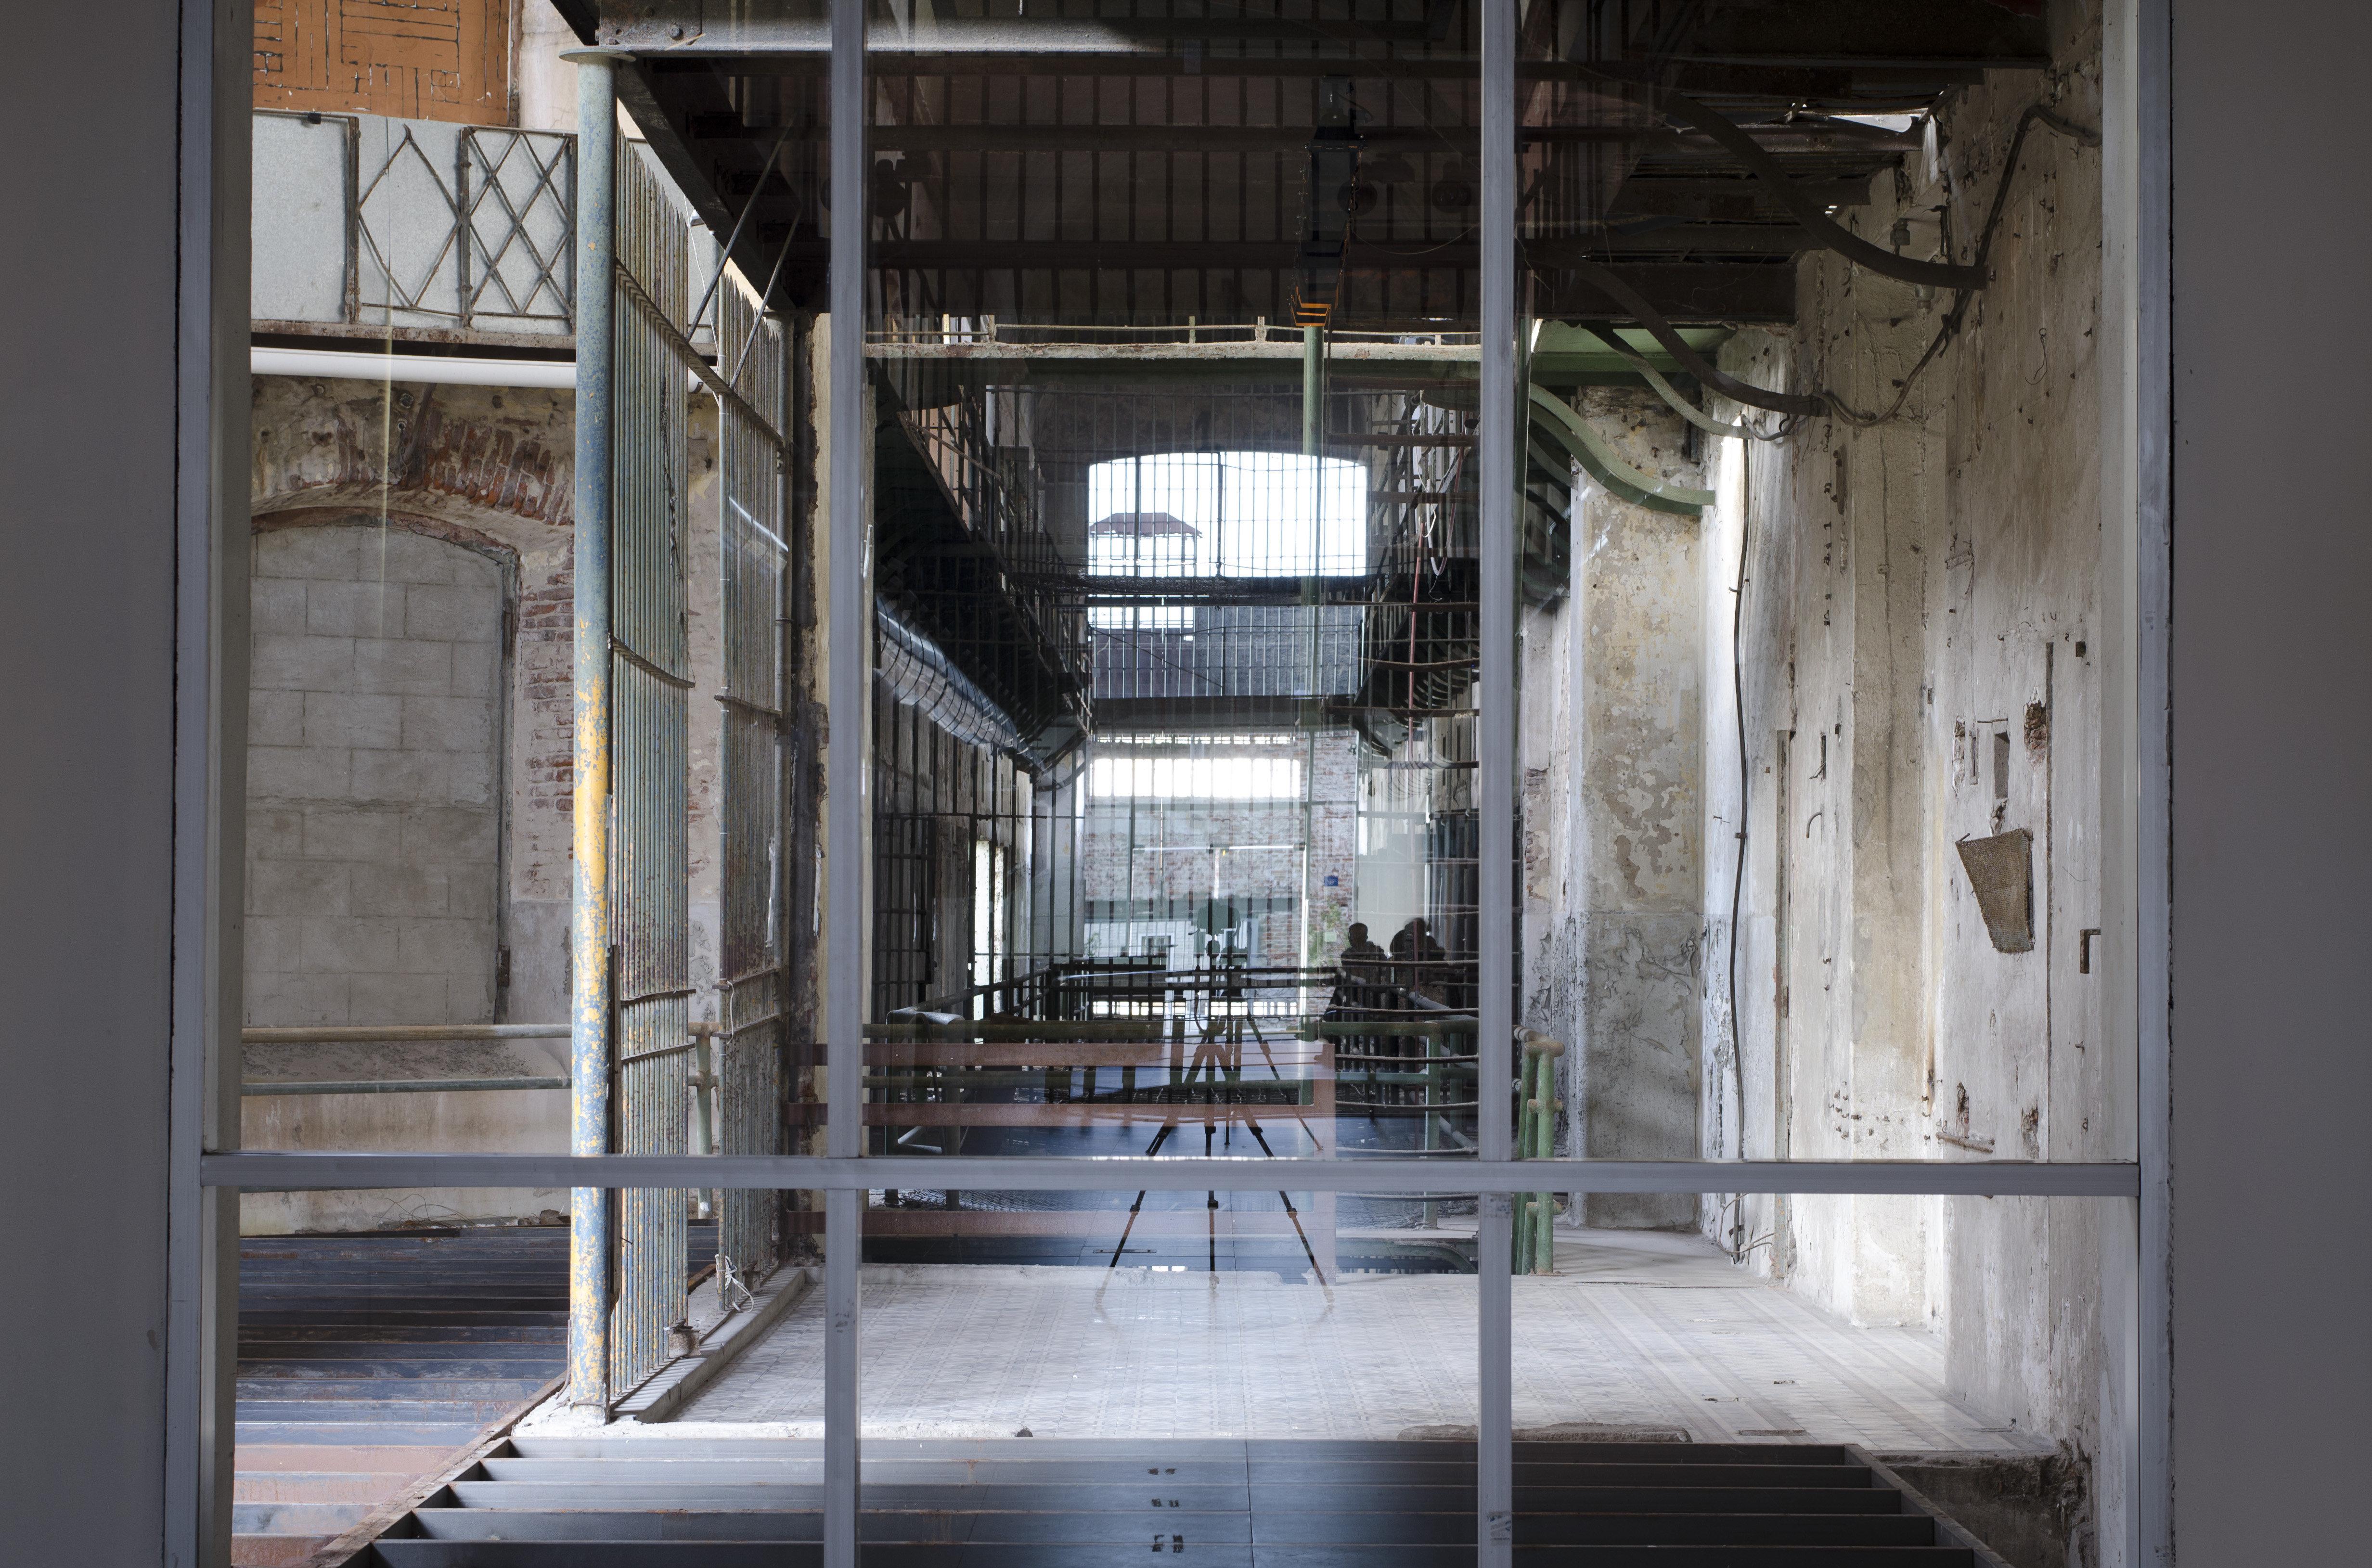 La obra Donde aparecen las distancias, creada por la artista Eugenia Calvo y exhibida en Montevideo en el marco de Bienalsur